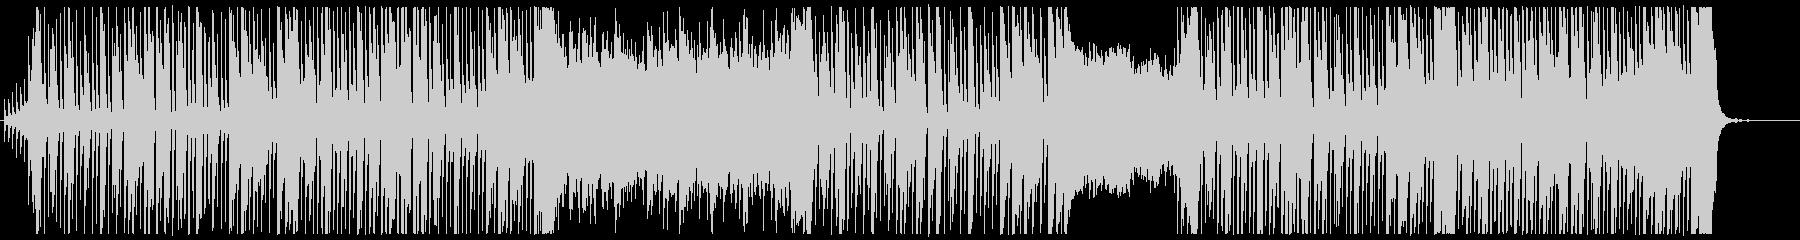 かわいいエレクトロ・ドリームポップの未再生の波形